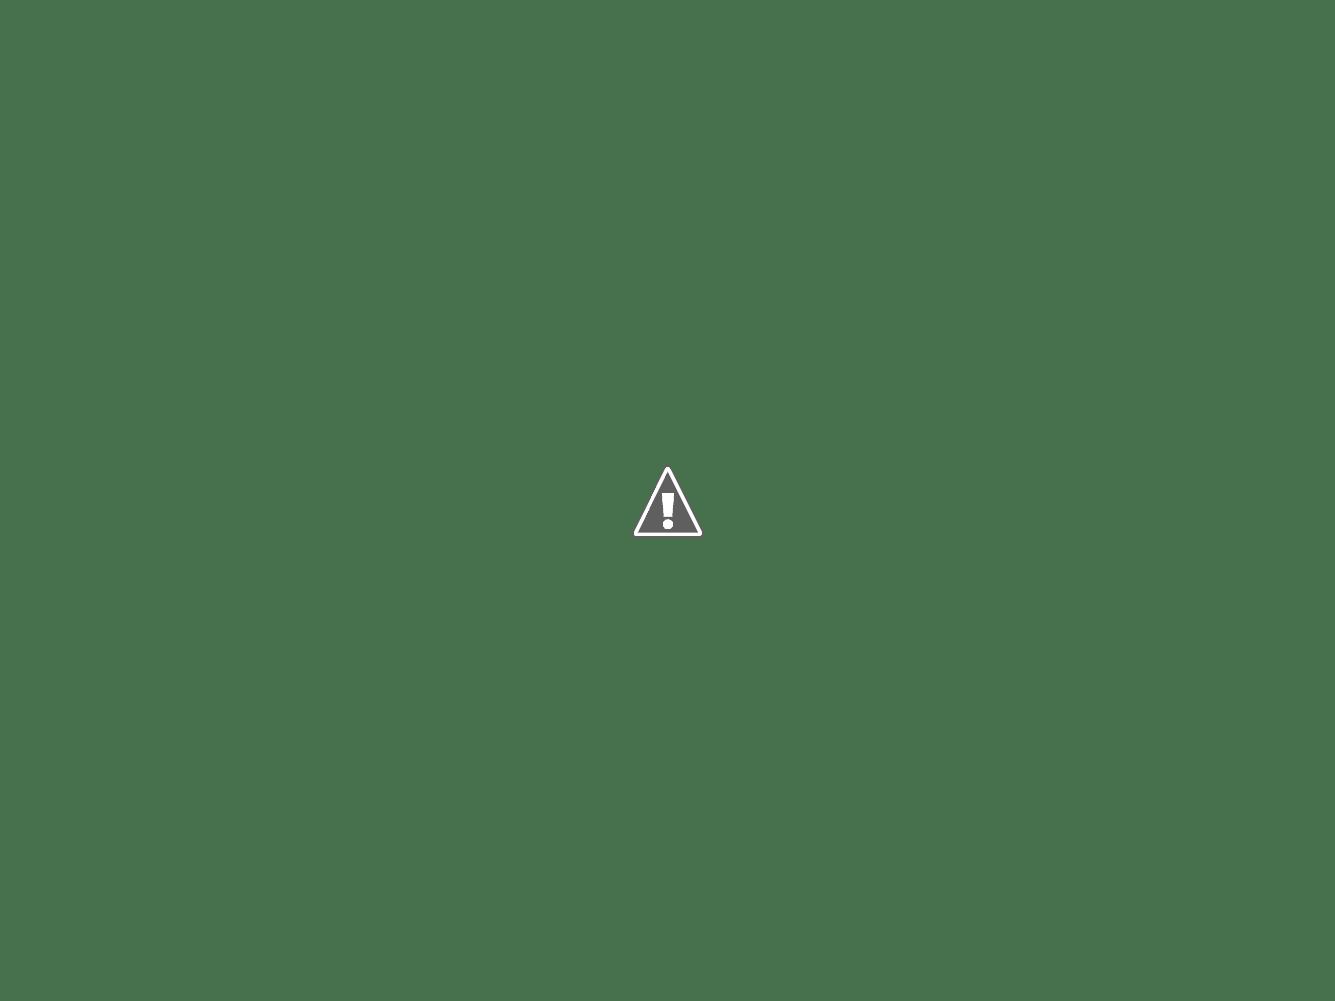 Nuevo uniforme desértico español - Análisis, opiniones - Página 2 Mc